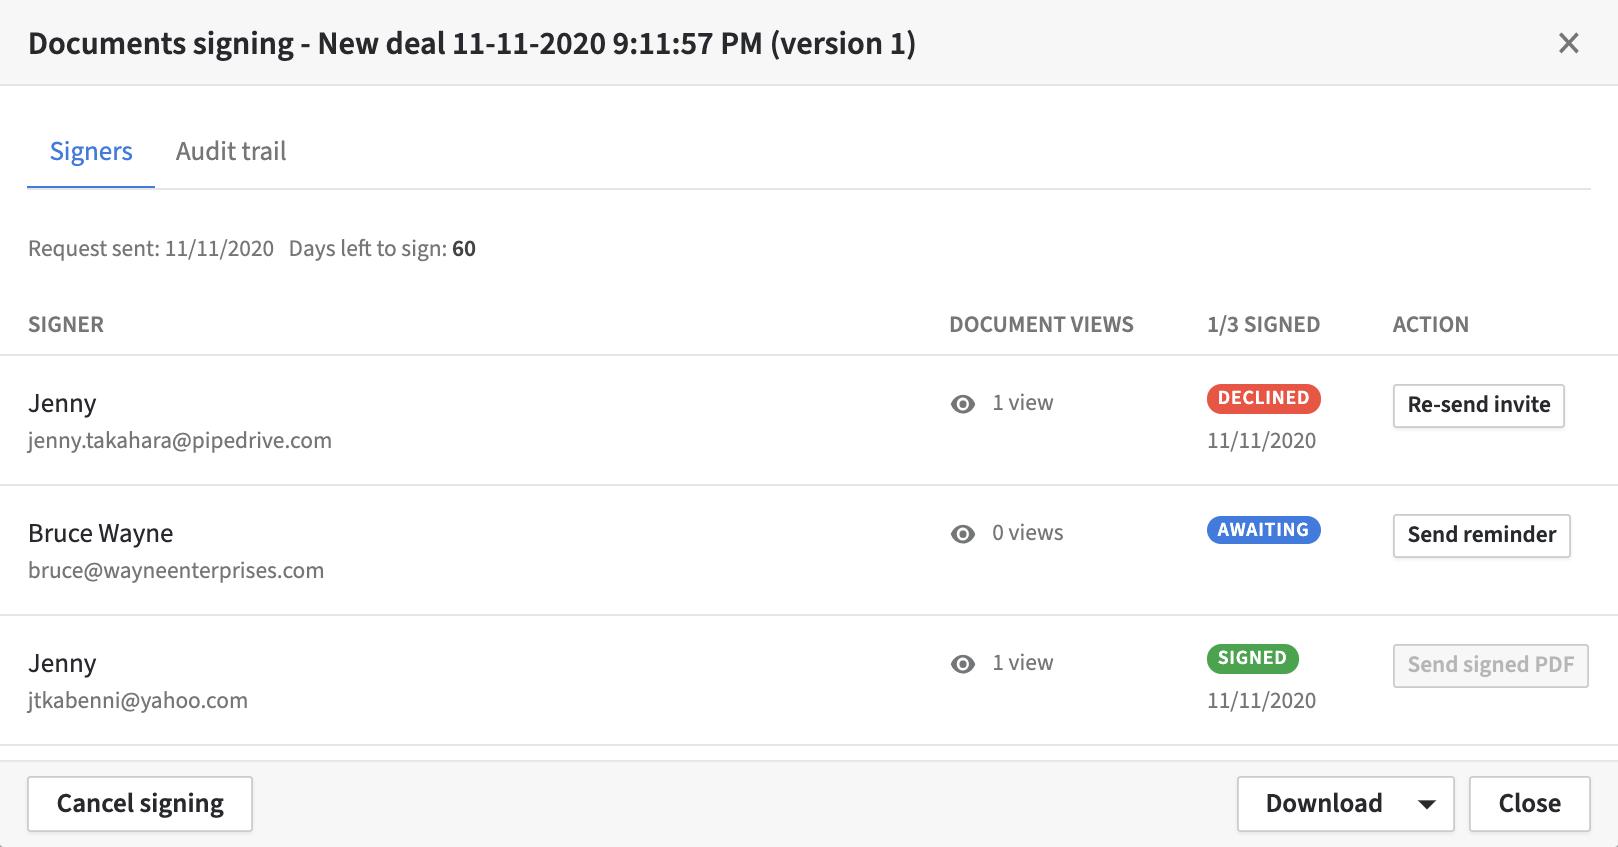 Screen_Shot_2020-11-11_at_9.13.14_PM.png